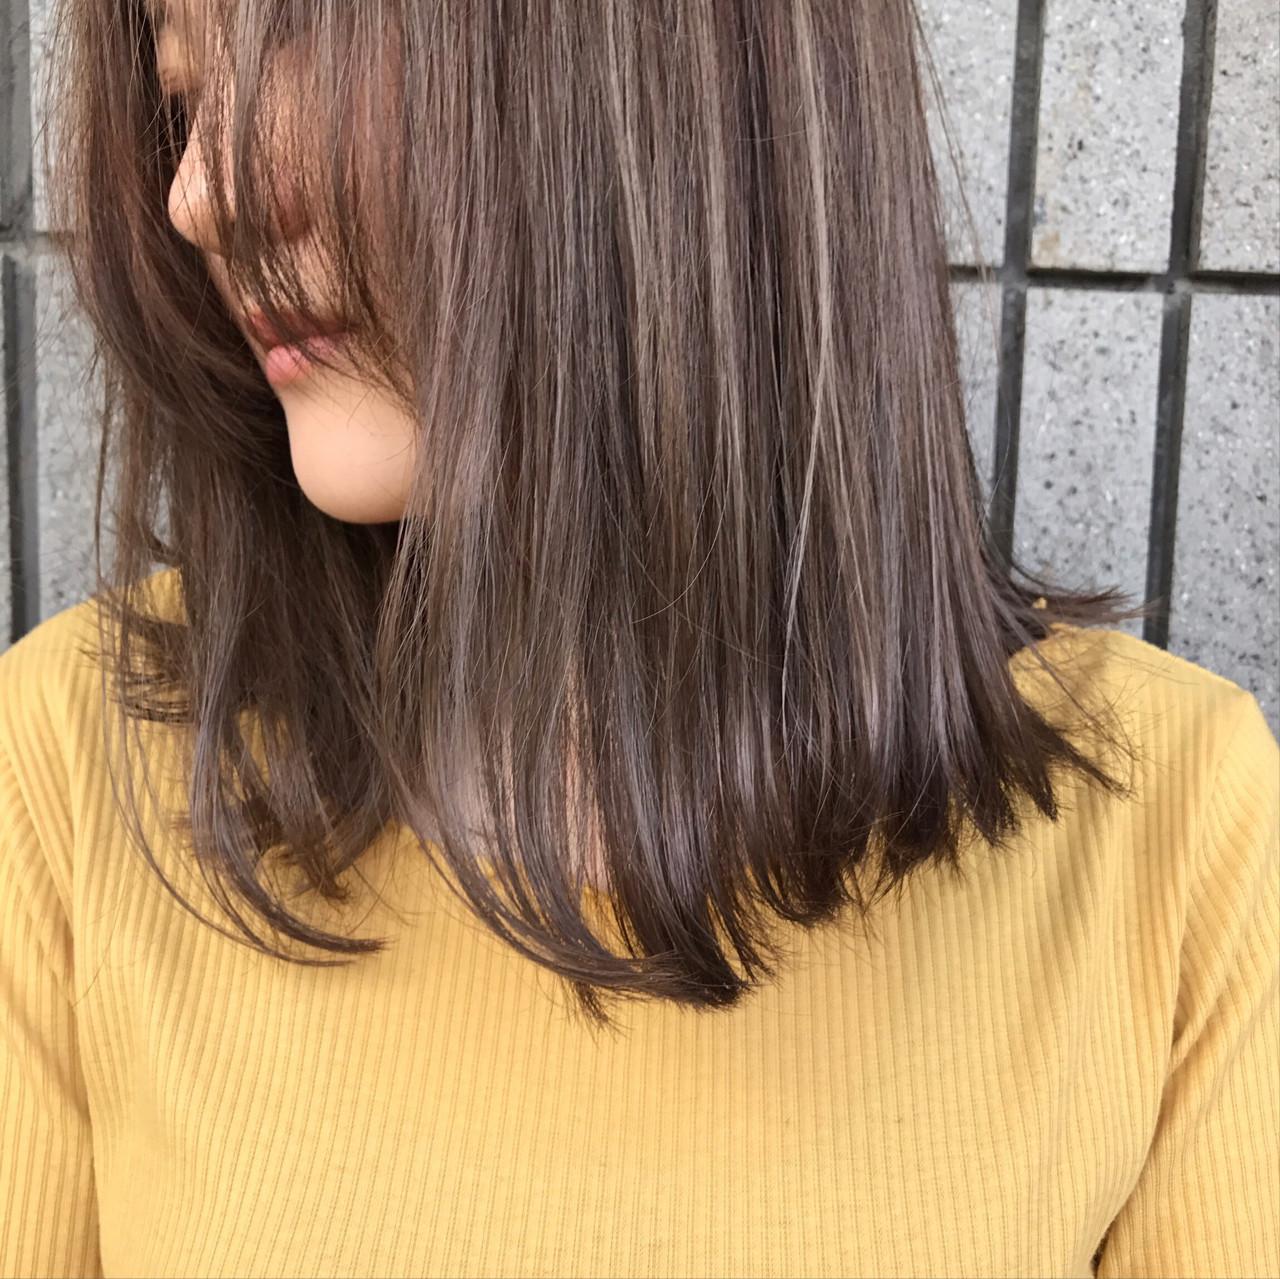 ストリート 外国人風カラー 切りっぱなし 秋 ヘアスタイルや髪型の写真・画像 | 中山俊一 / valucetiri